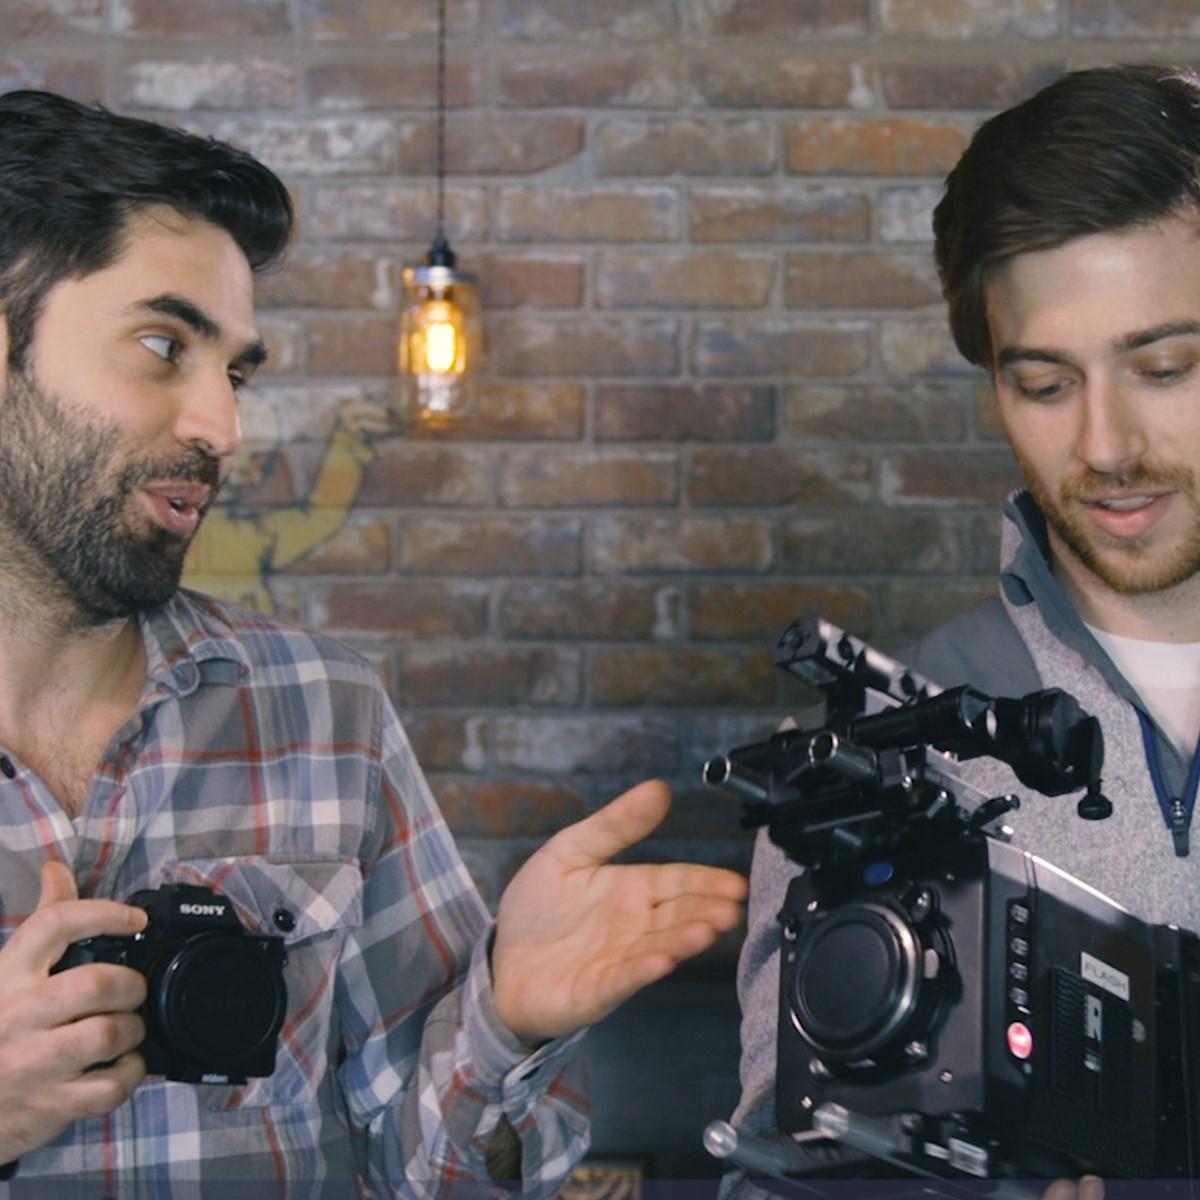 $2,500 Sony a7S II vs $50,000 ARRI Alexa Mini: Can you tell the